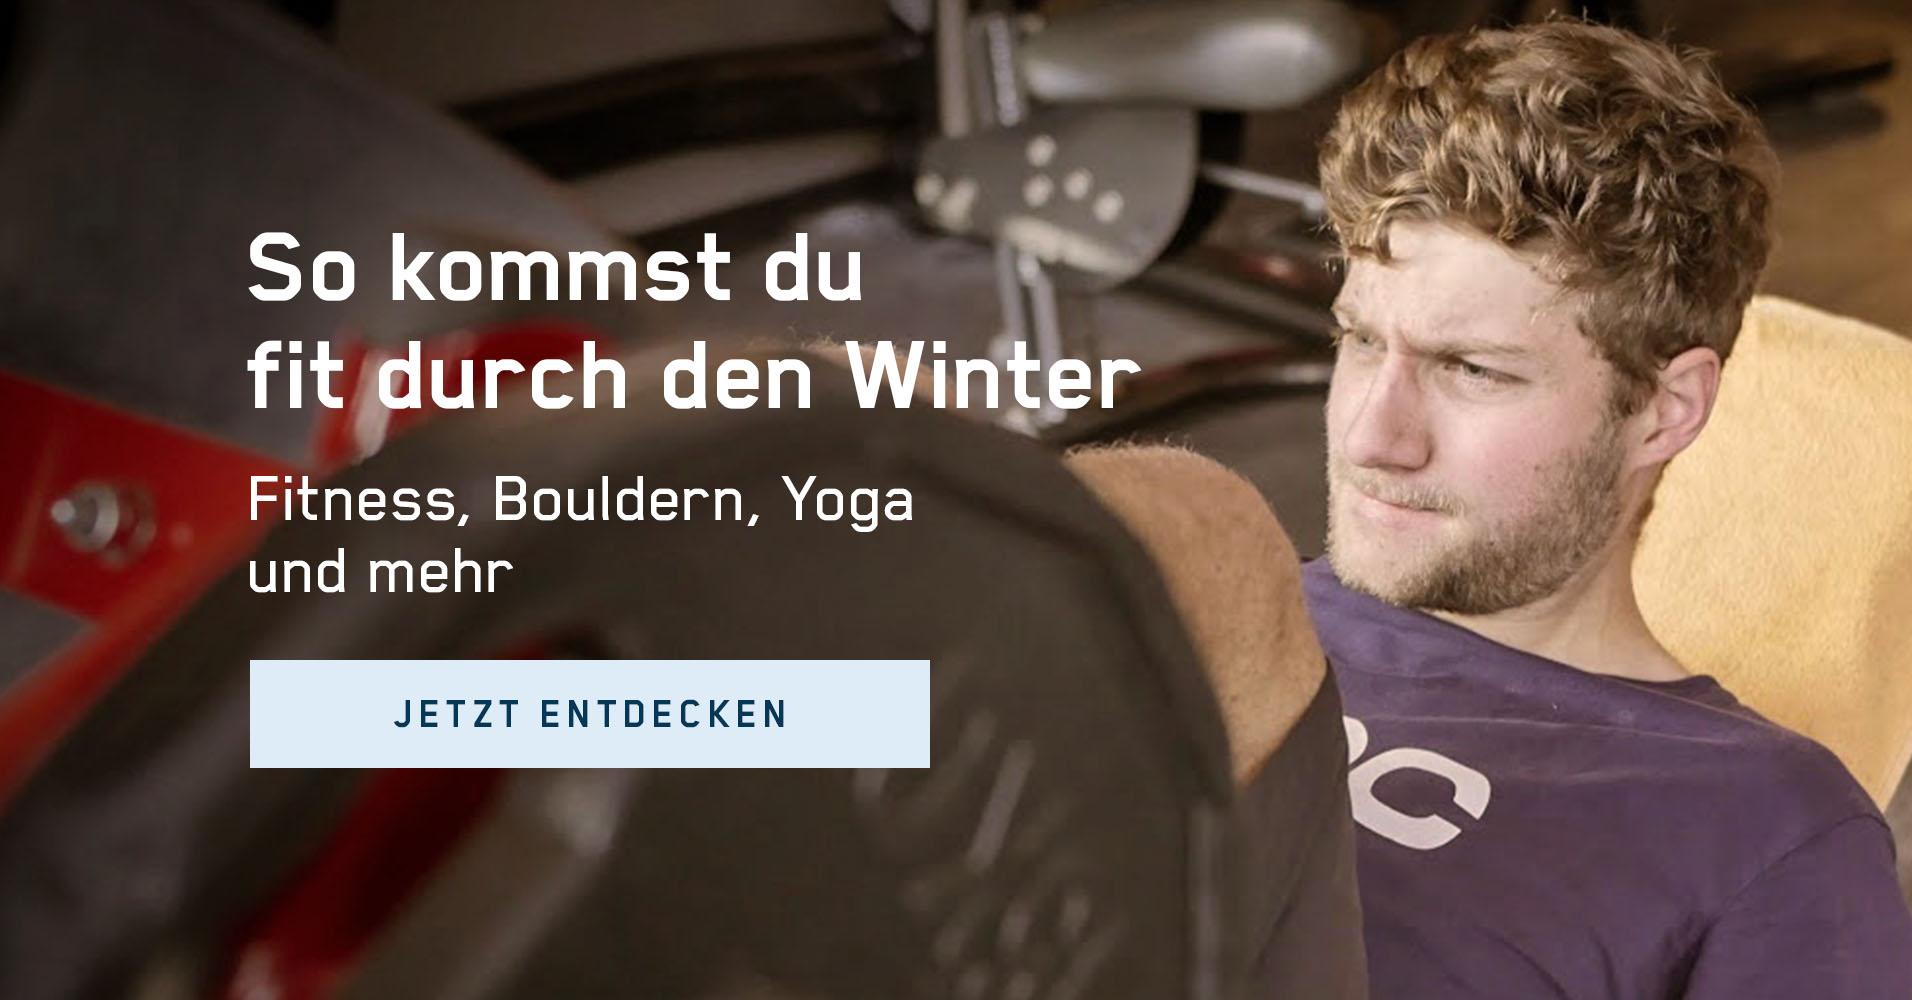 So geht Ausgleichstraining für Radfahrer  – Yoga, Bouldern, Fitness, Schwimmen, Laufen u. v. m.